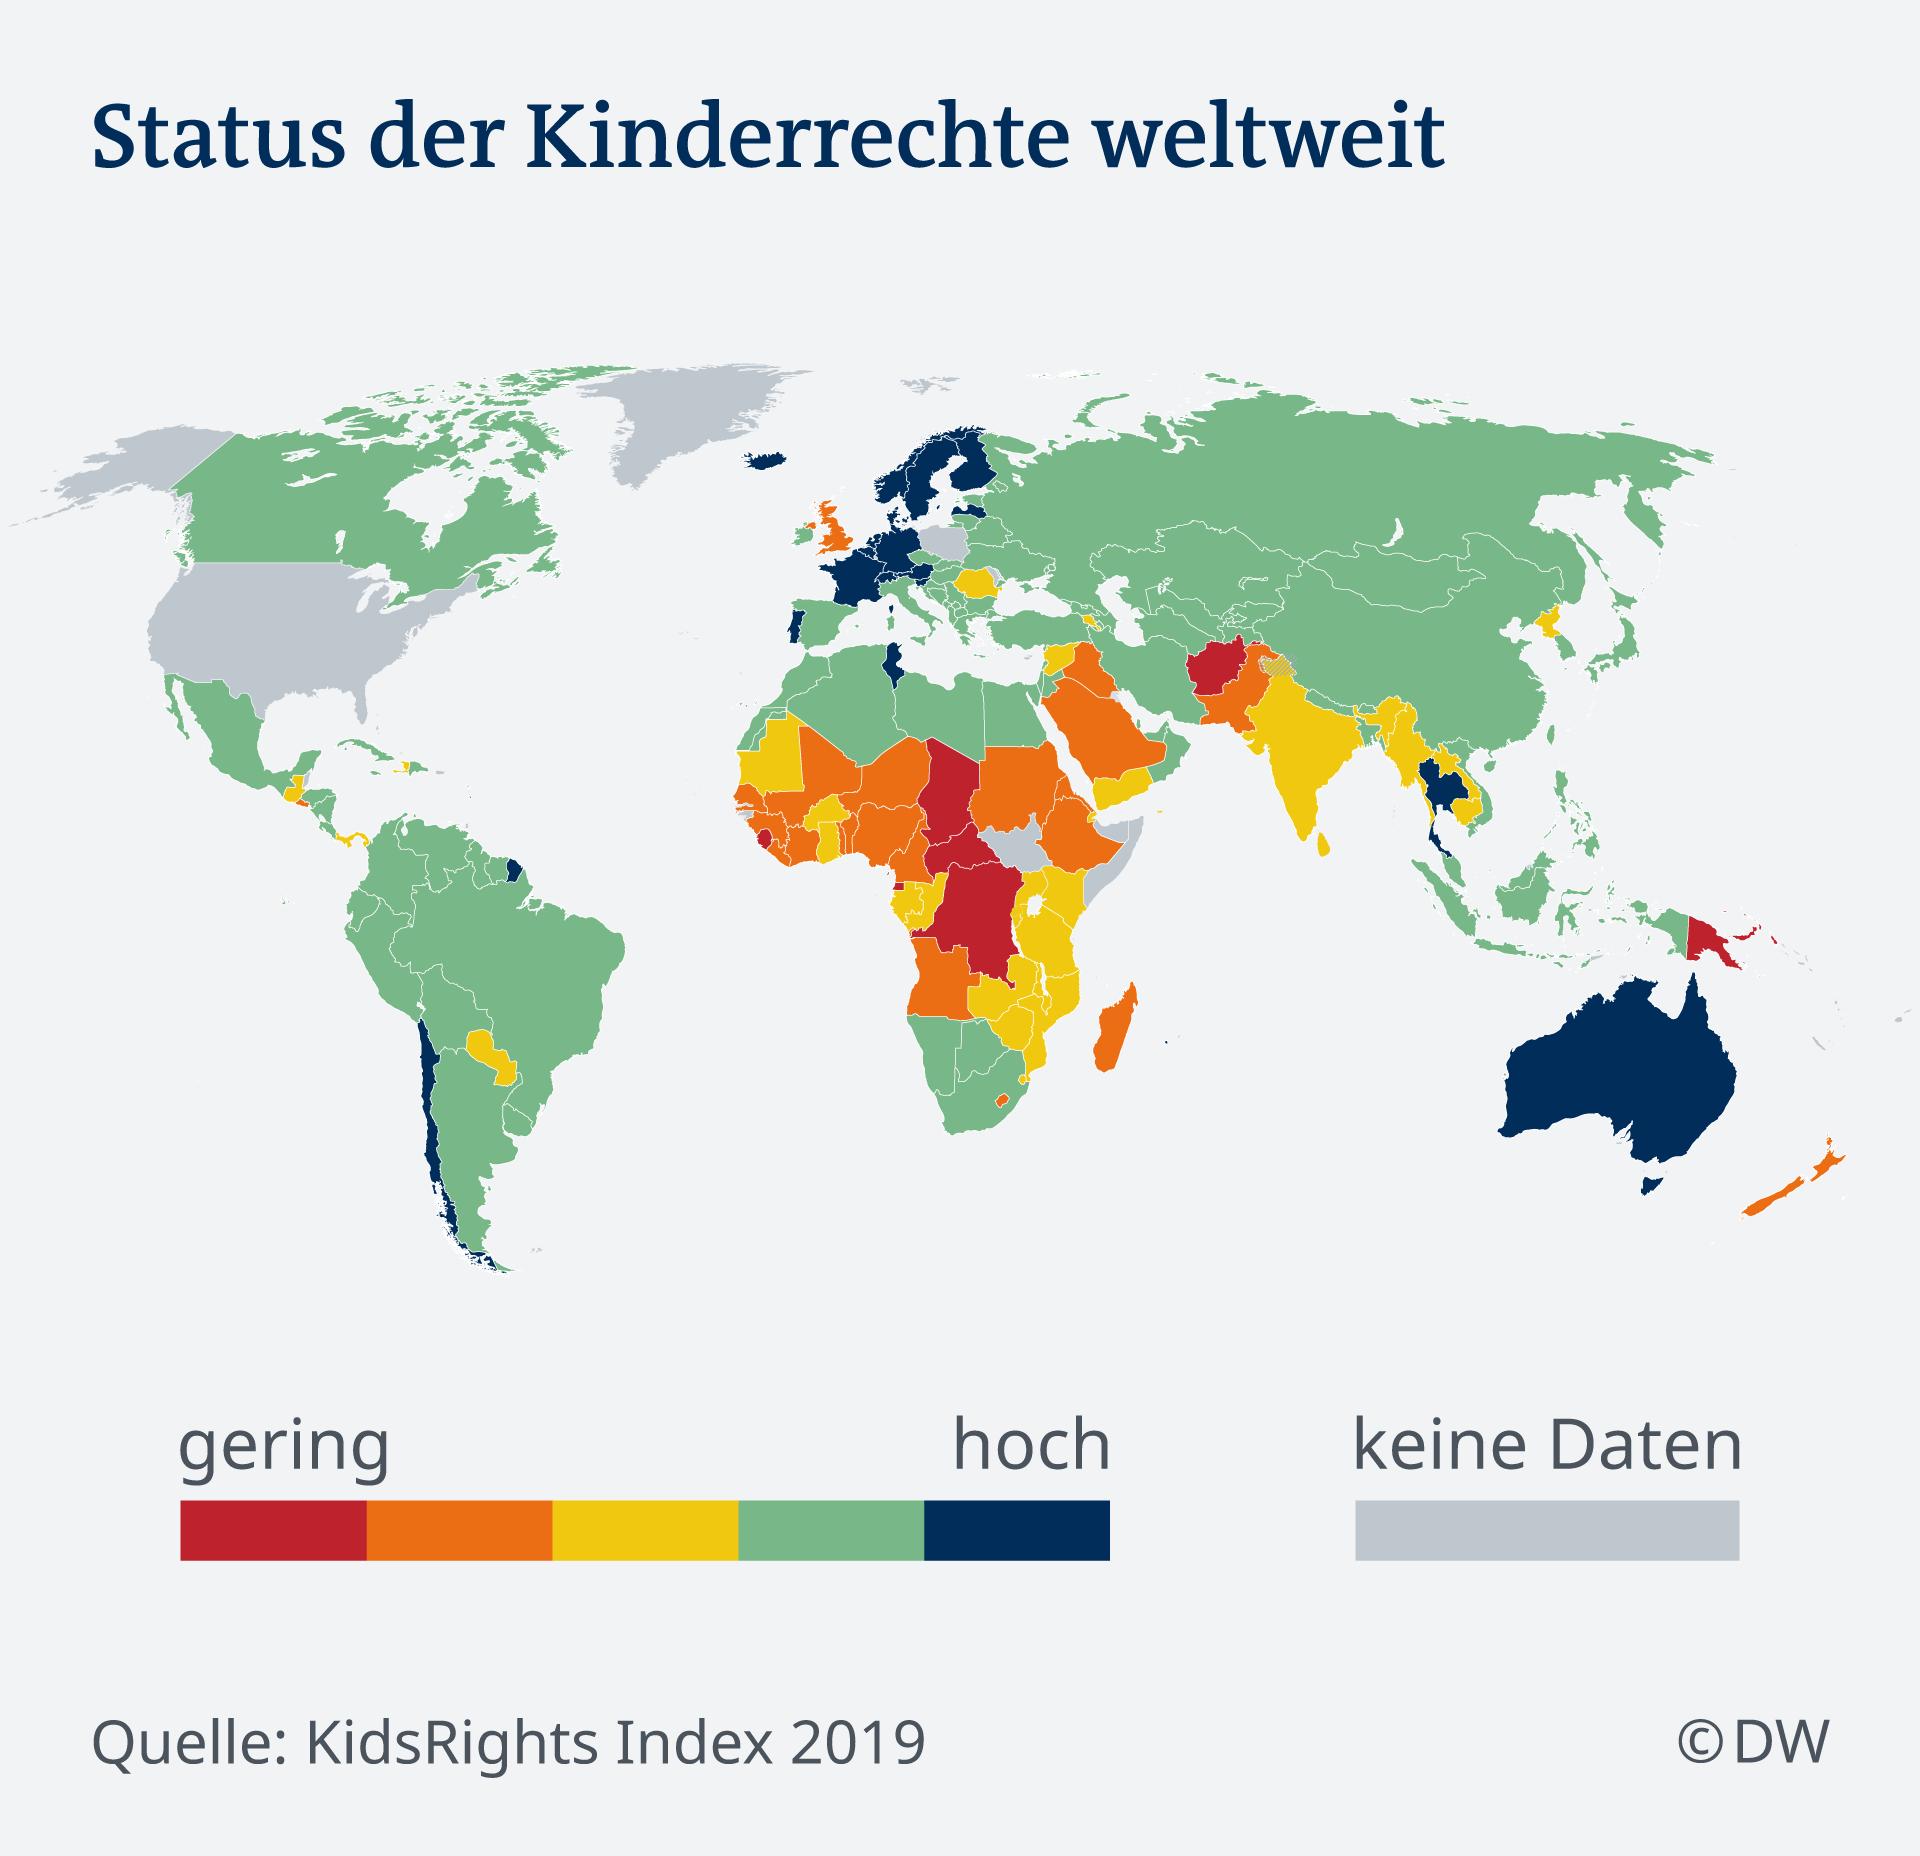 Indeks organizacije KidsRight o pravima djece u svijetu - crveno je loše, plavo je visoko